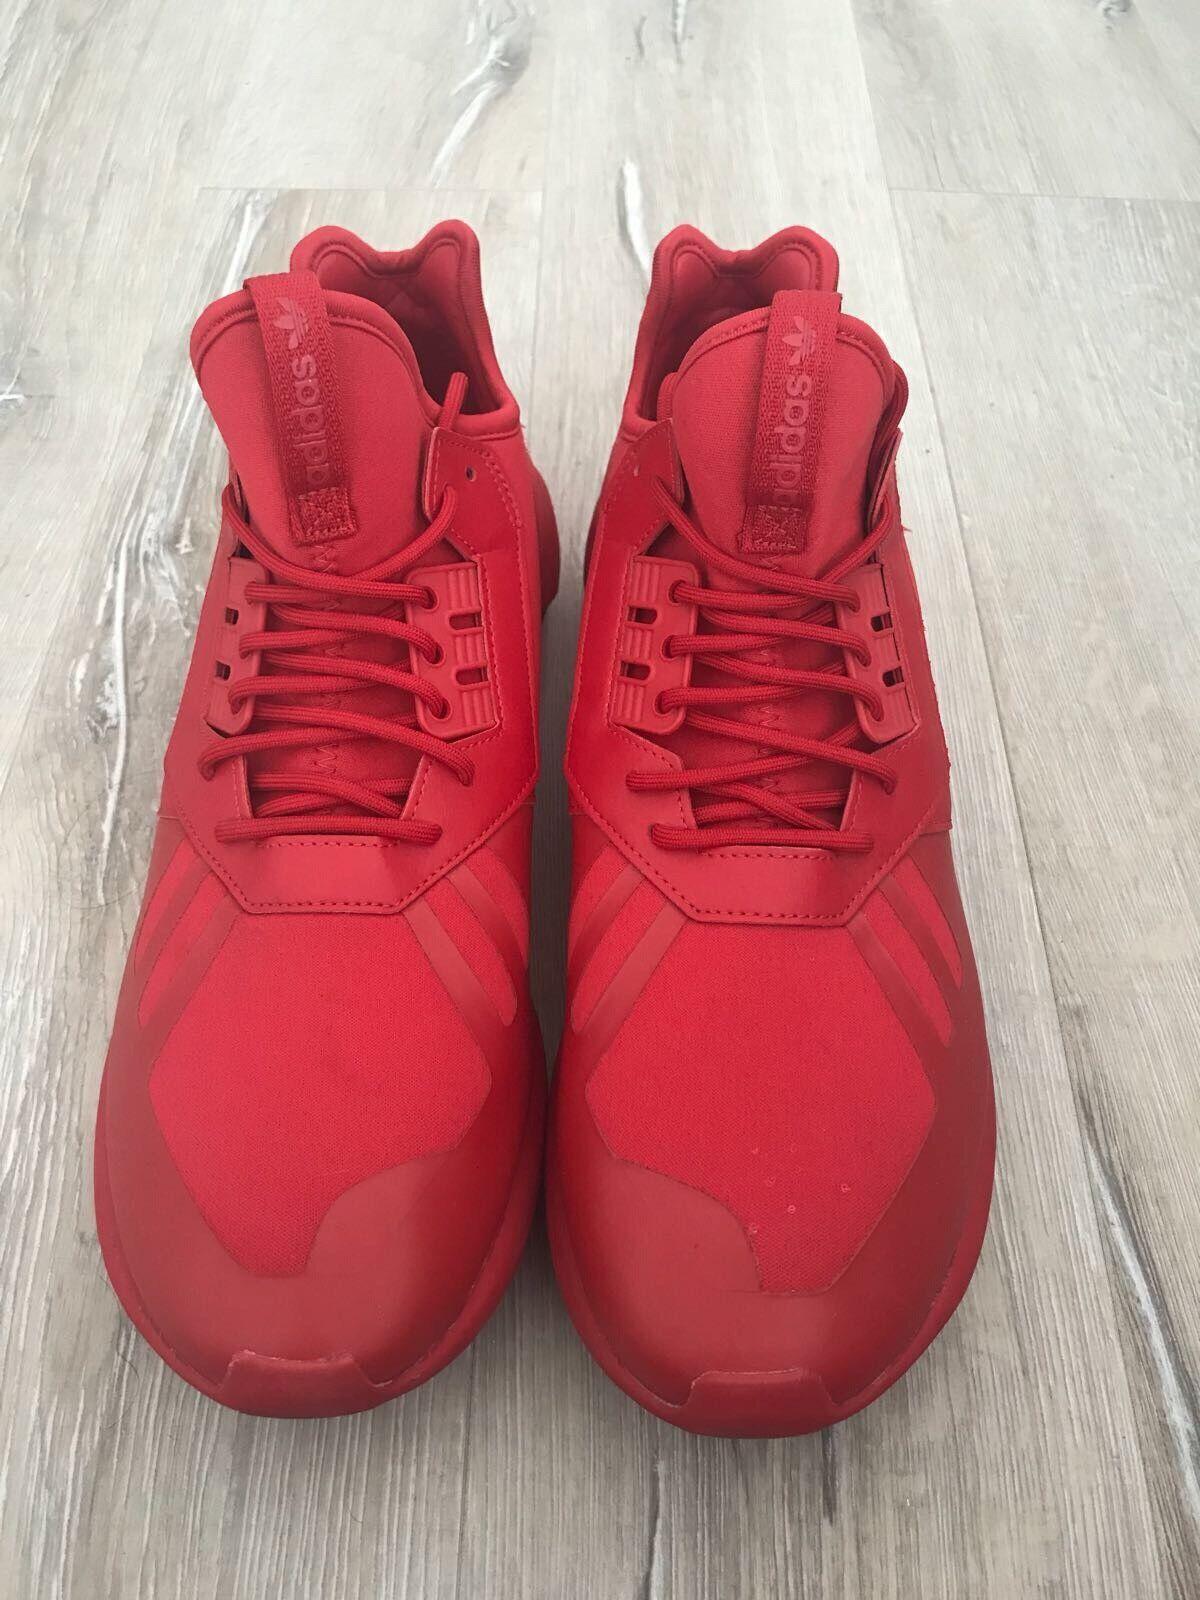 Adidas originali tubulare runner scarlet   ottobre rosso corsa spinta ultra sz 12   prezzo di sconto speciale    Uomo/Donne Scarpa